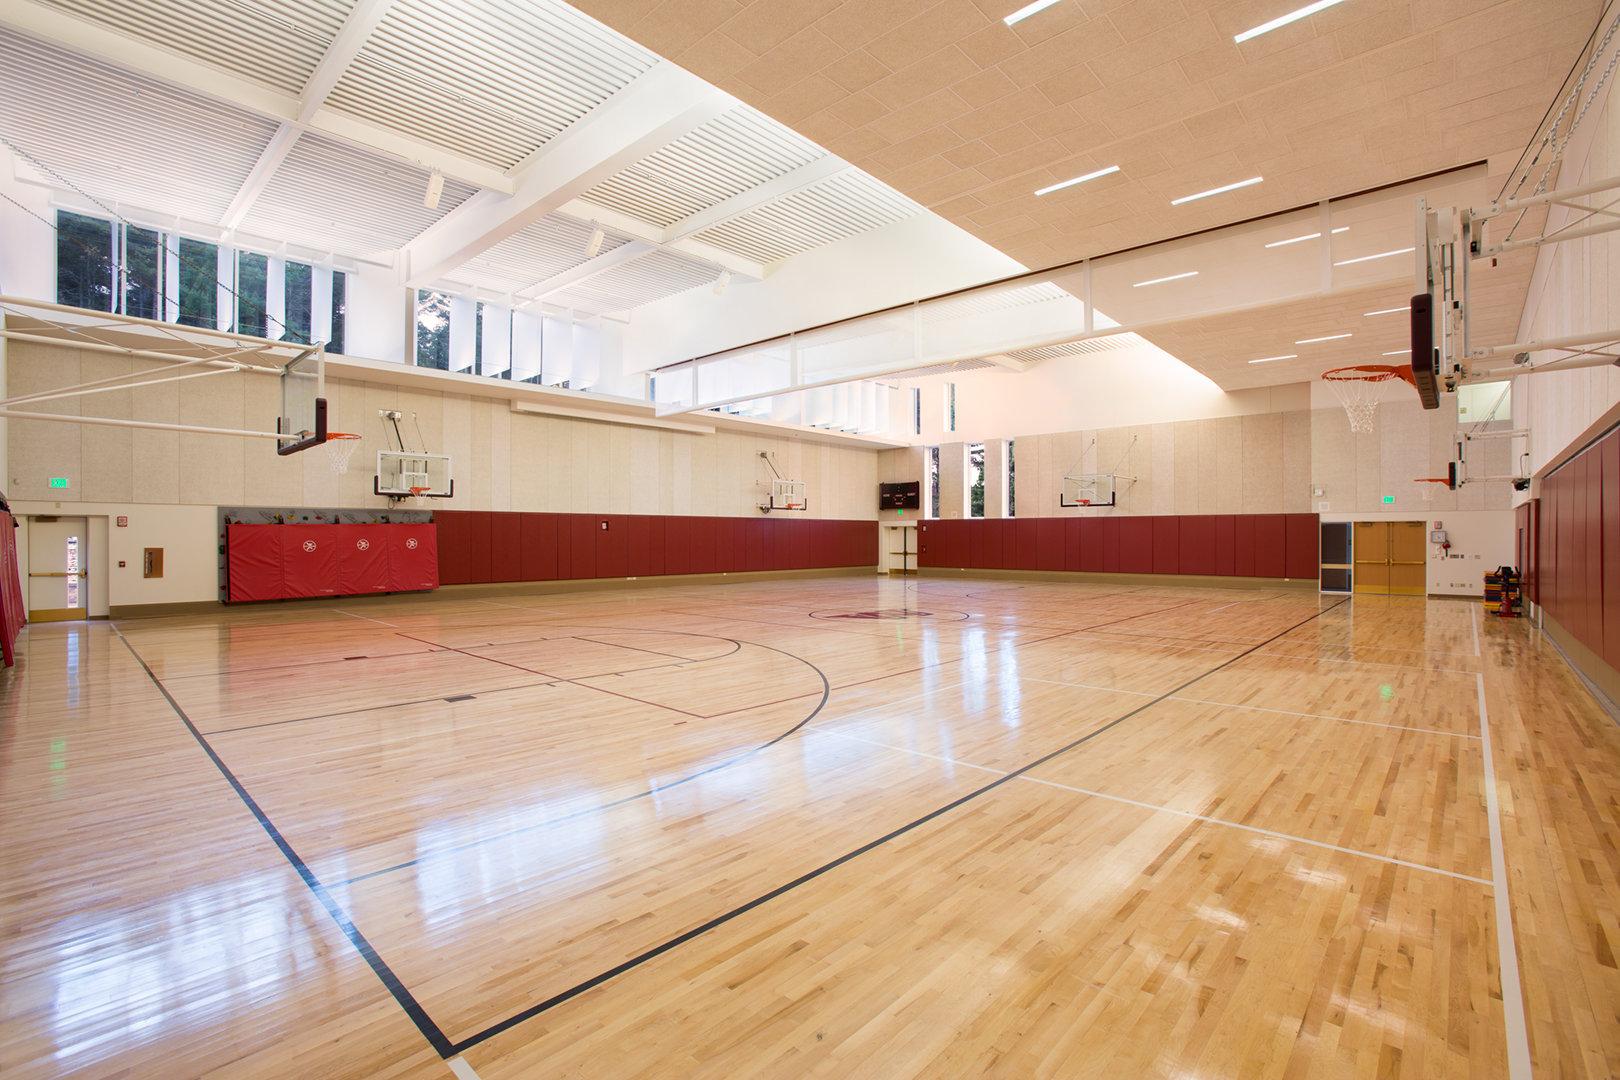 Lena_FieldSchool_Gym-NW_WEB.jpg